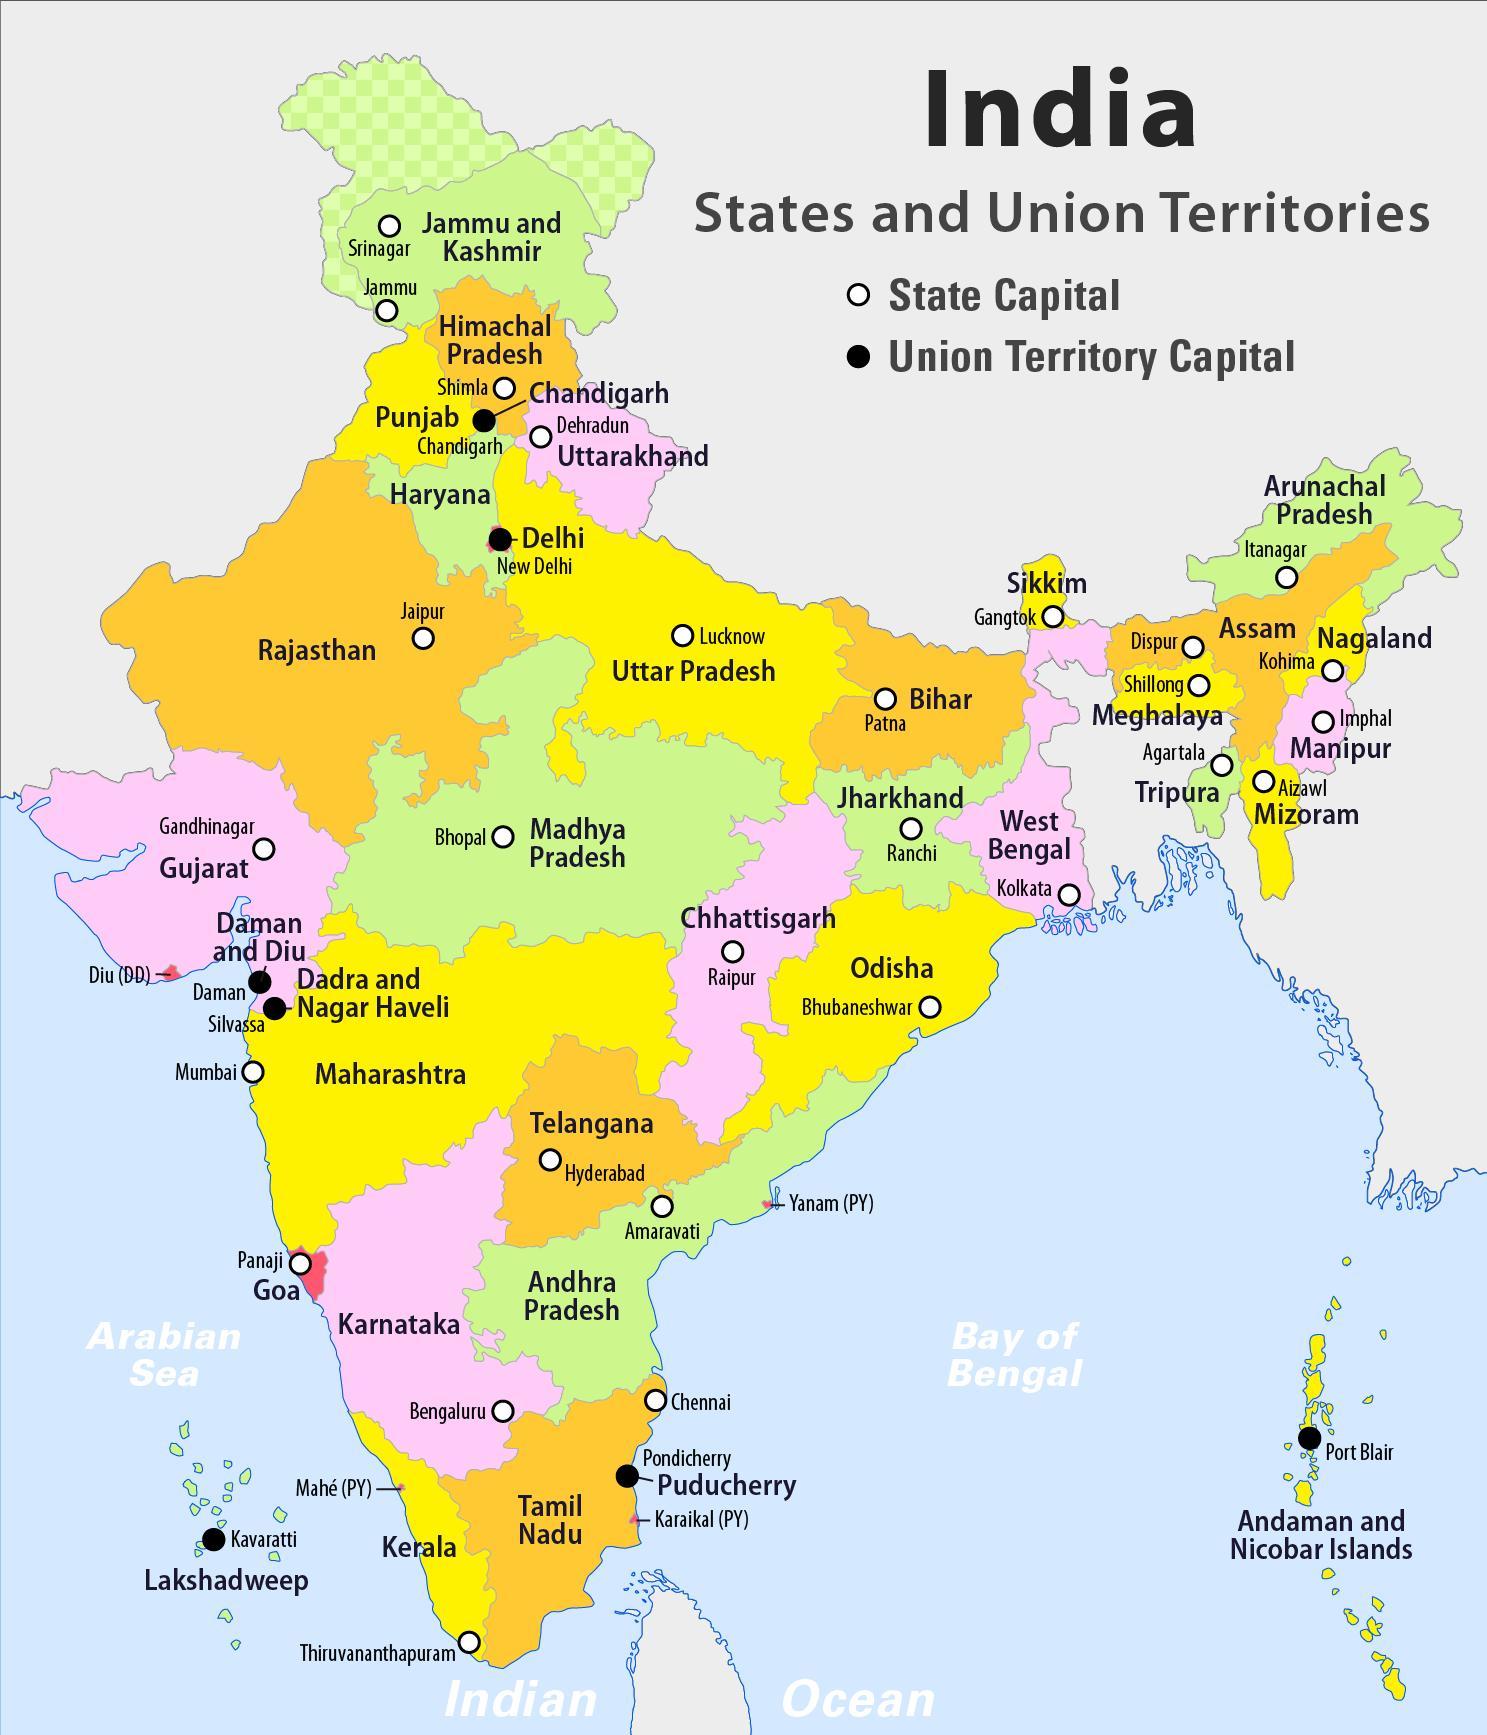 Intia Kartta Jossa Unionin Alueella Unionin Alueiden Intian